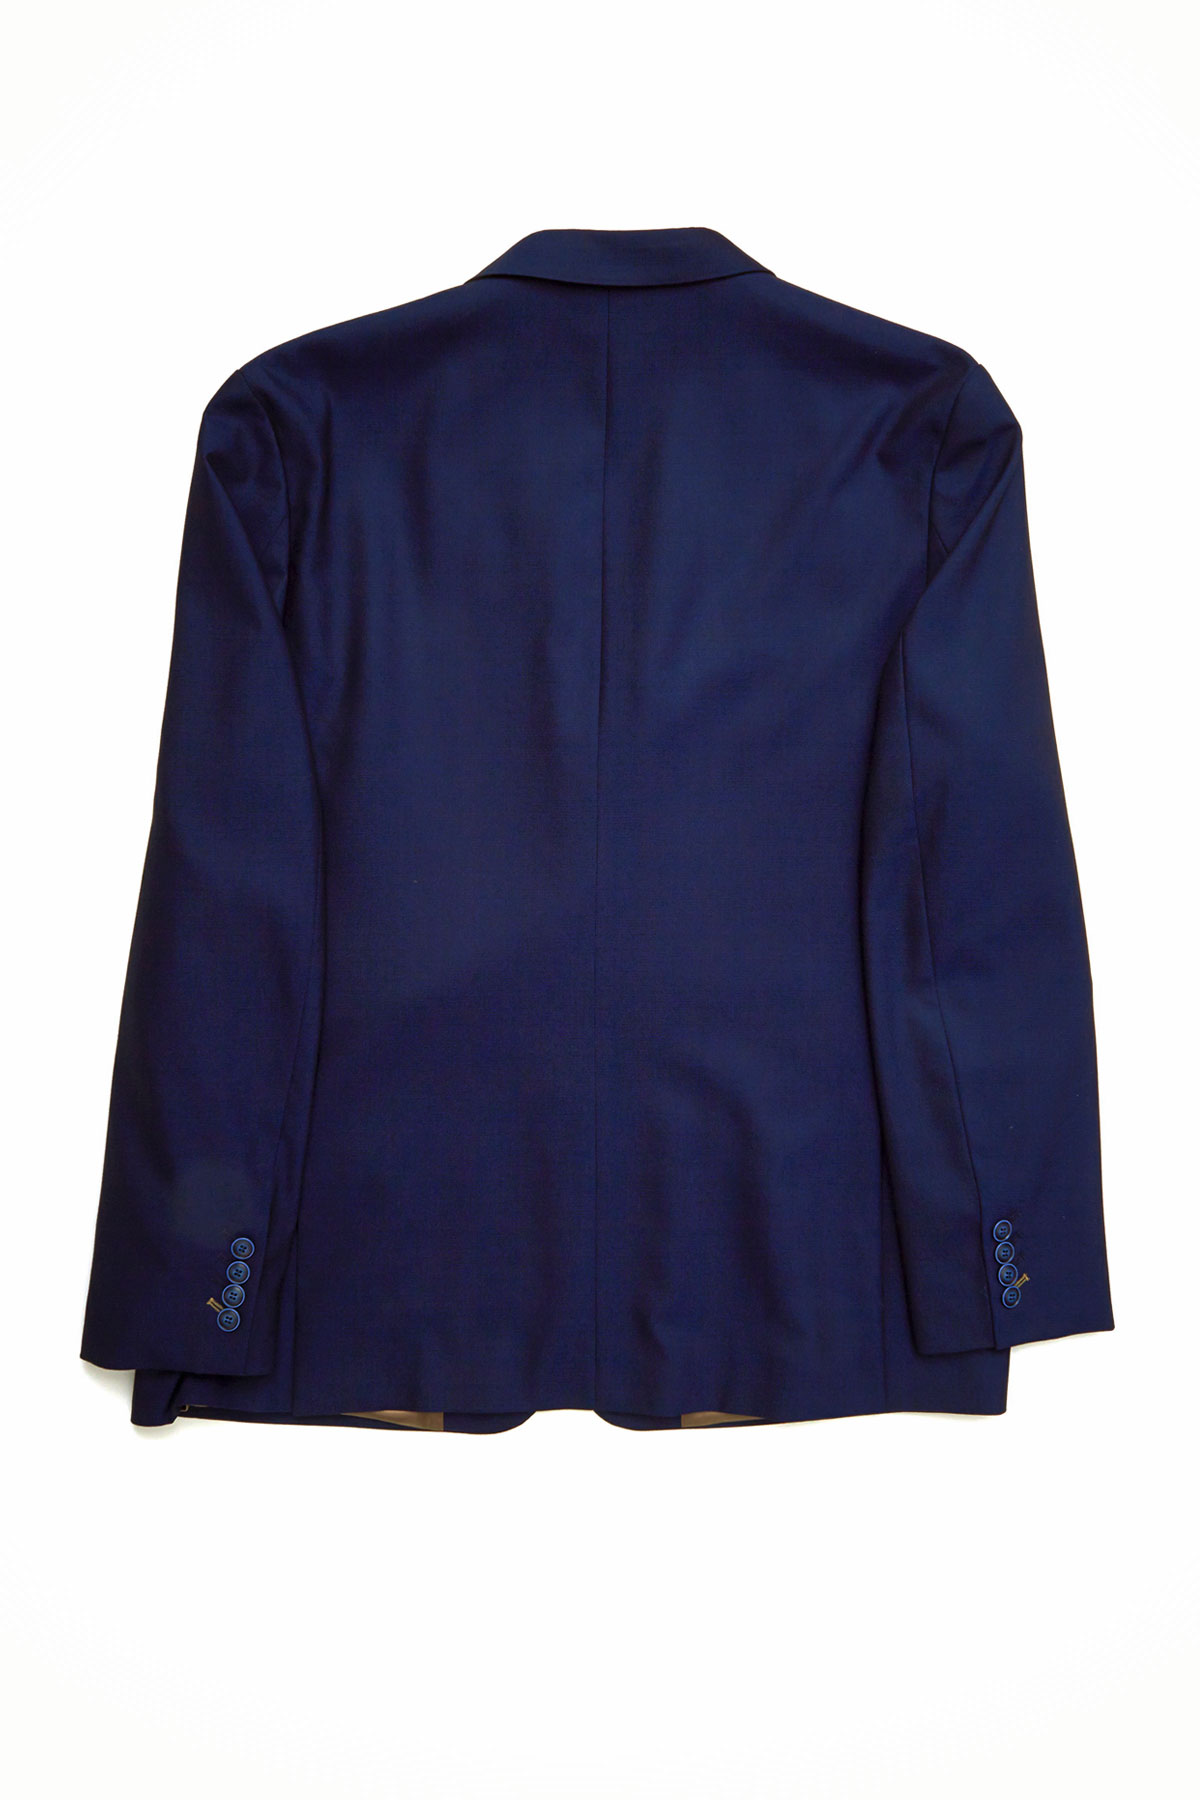 Пиджак темно-синего цвета Vaismann 1920-19